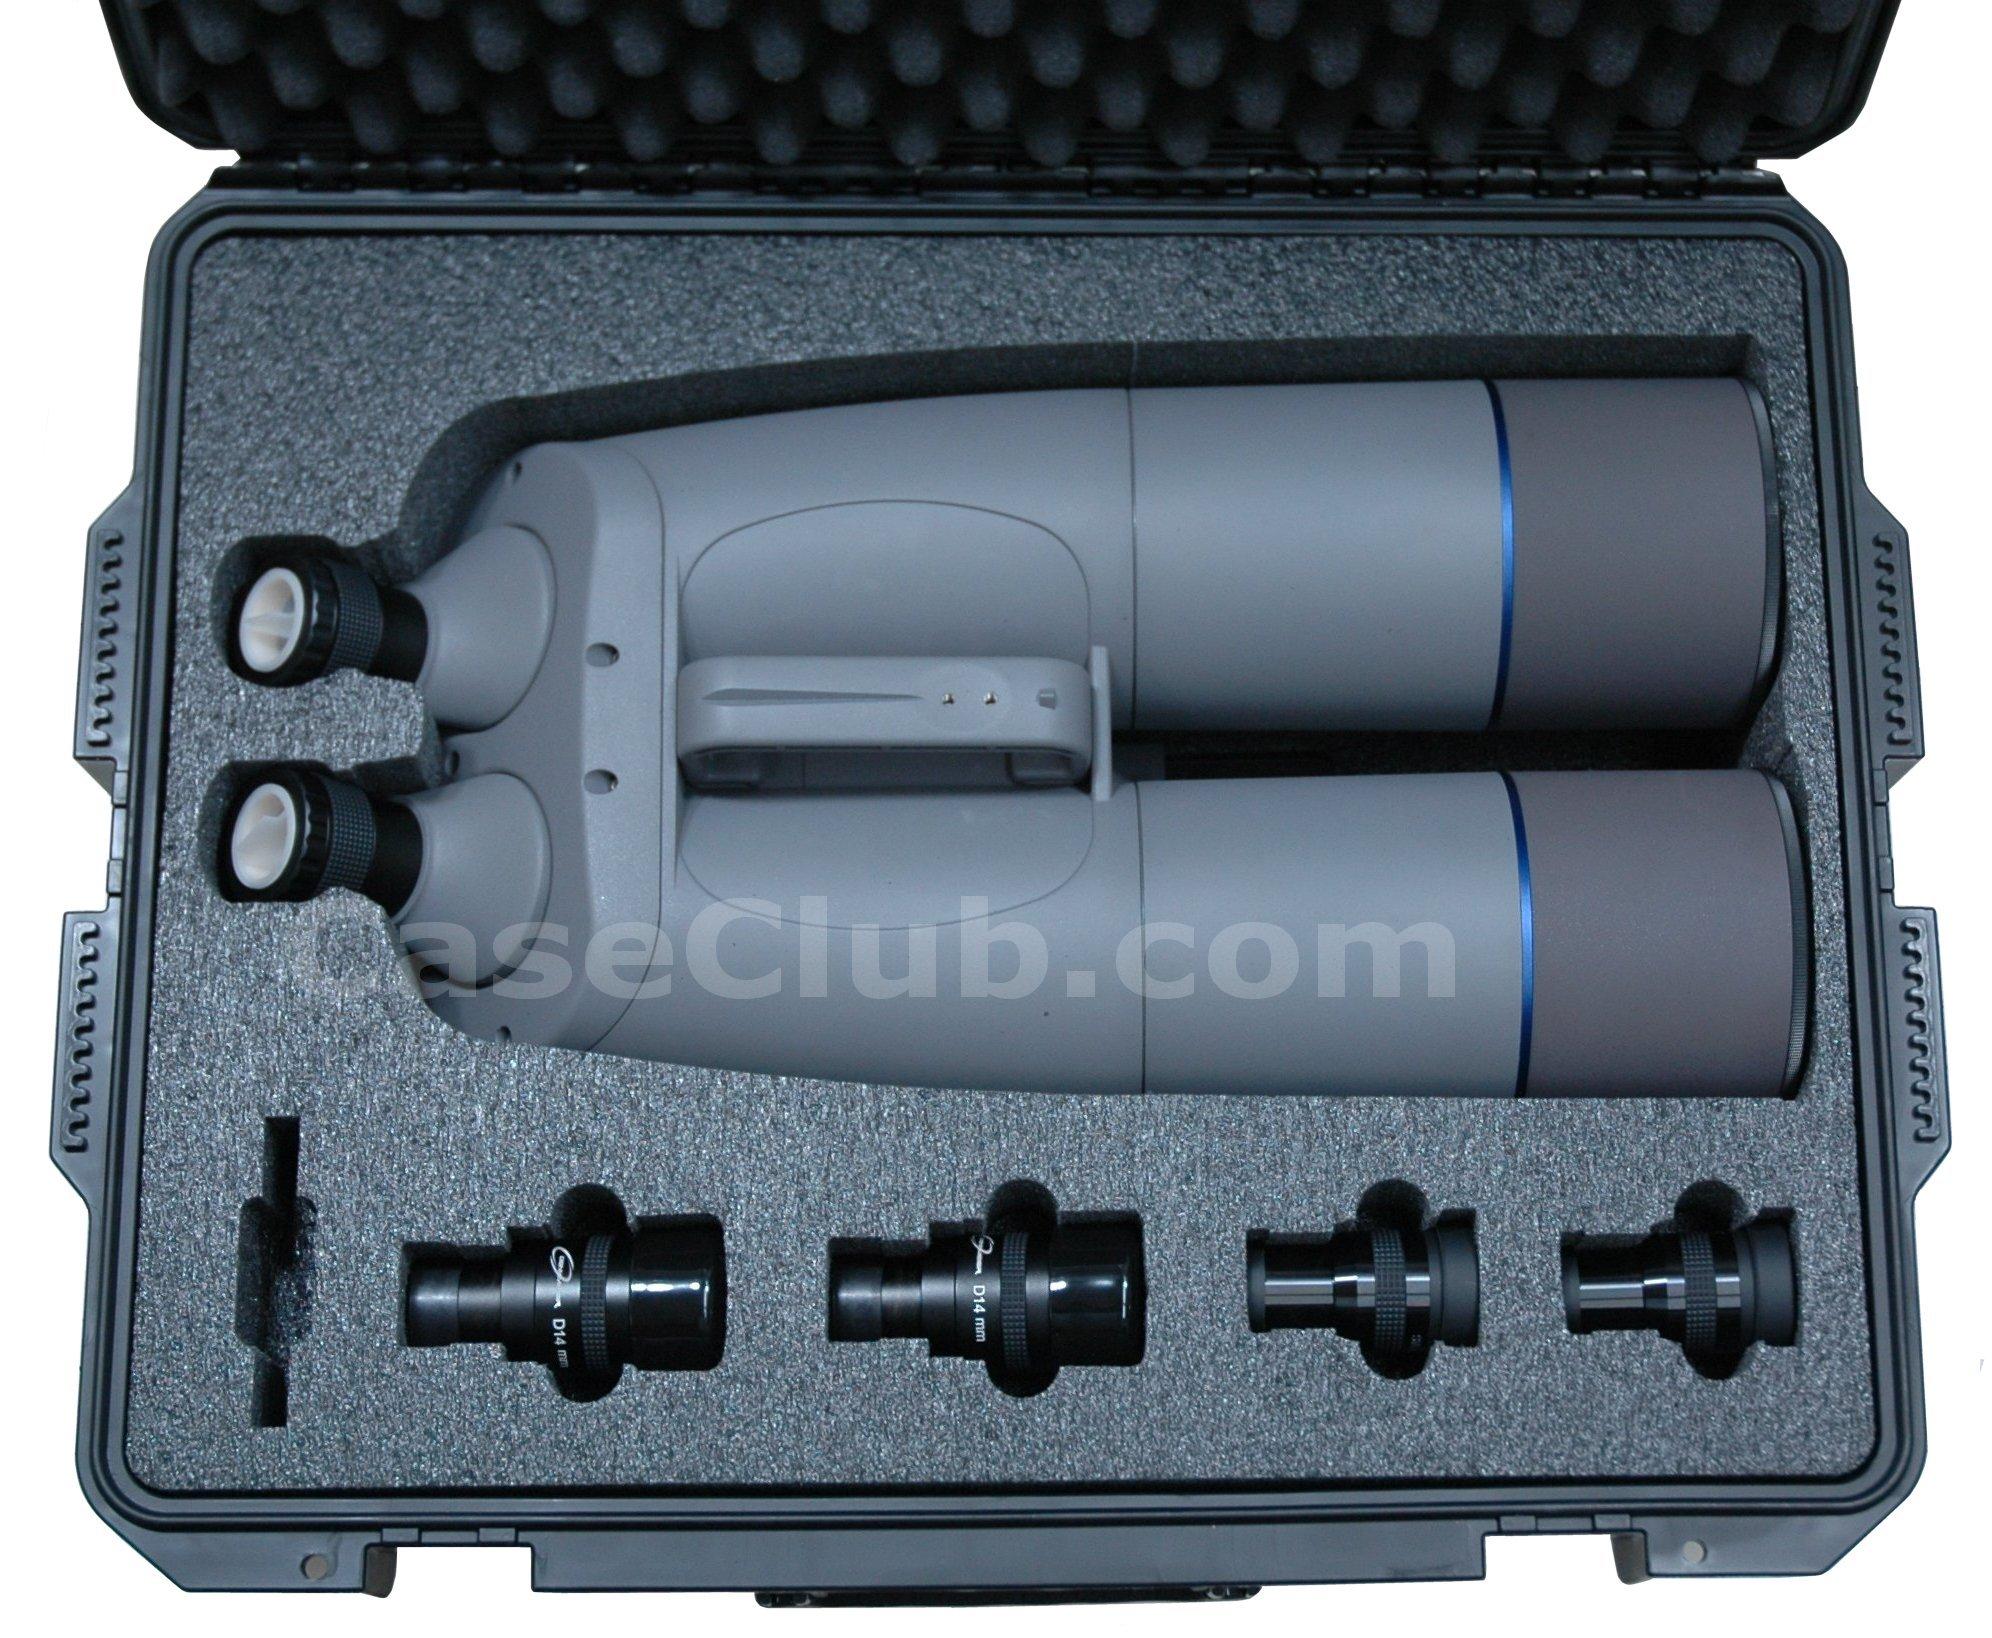 Case Club CC2700IMPE Case Custom Foam Example: Lunt Engineering Astro Binoculars Case